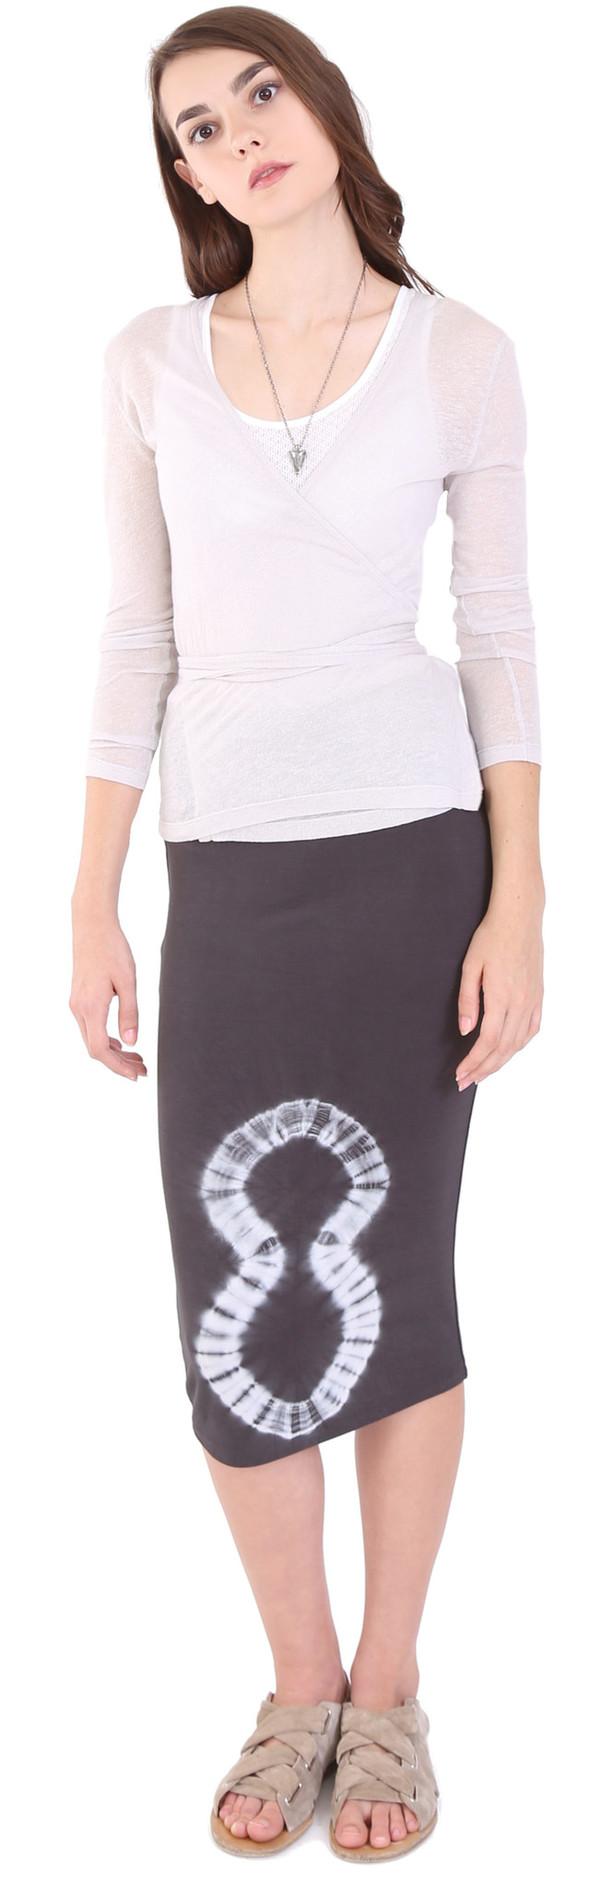 Laura Siegel Bamboo Jersey Skirt